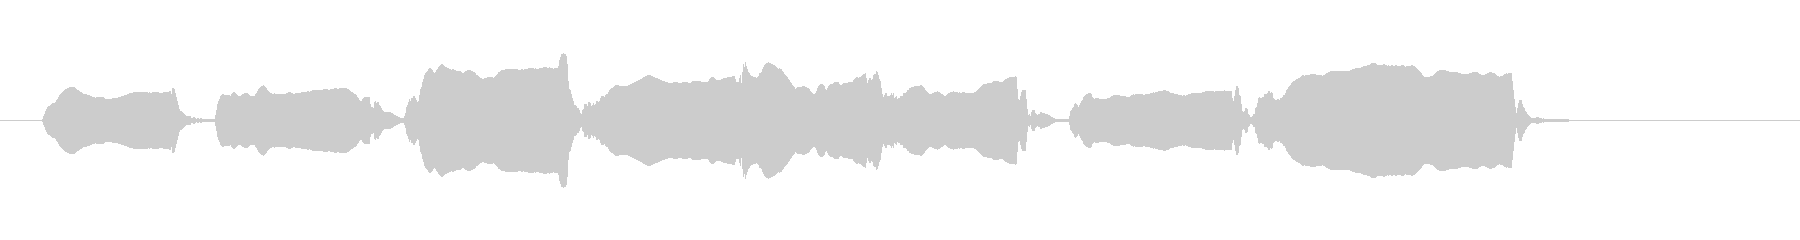 youtube へたくそリコーダー1の未再生の波形